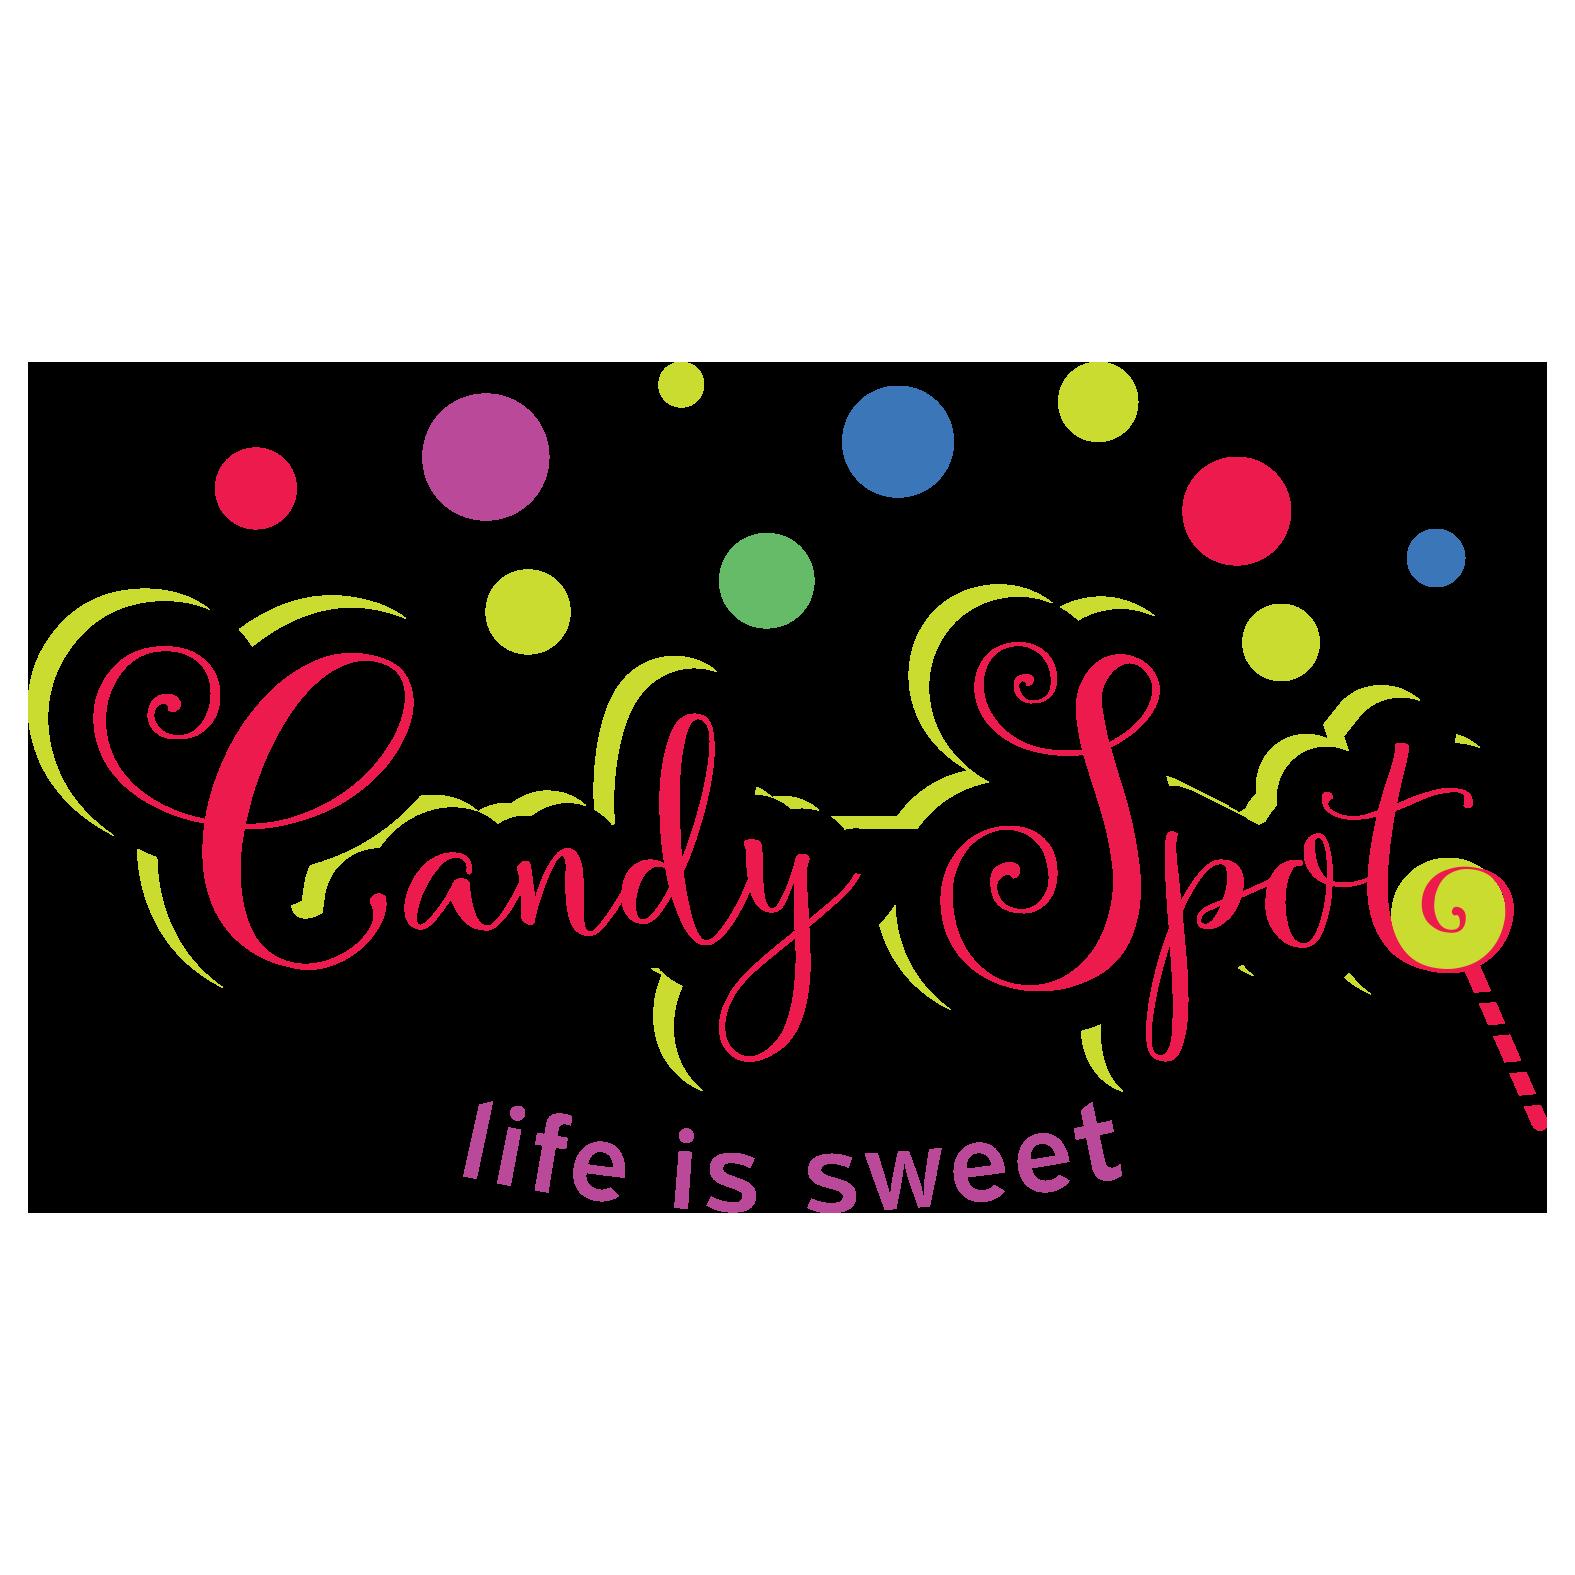 Candy Spot